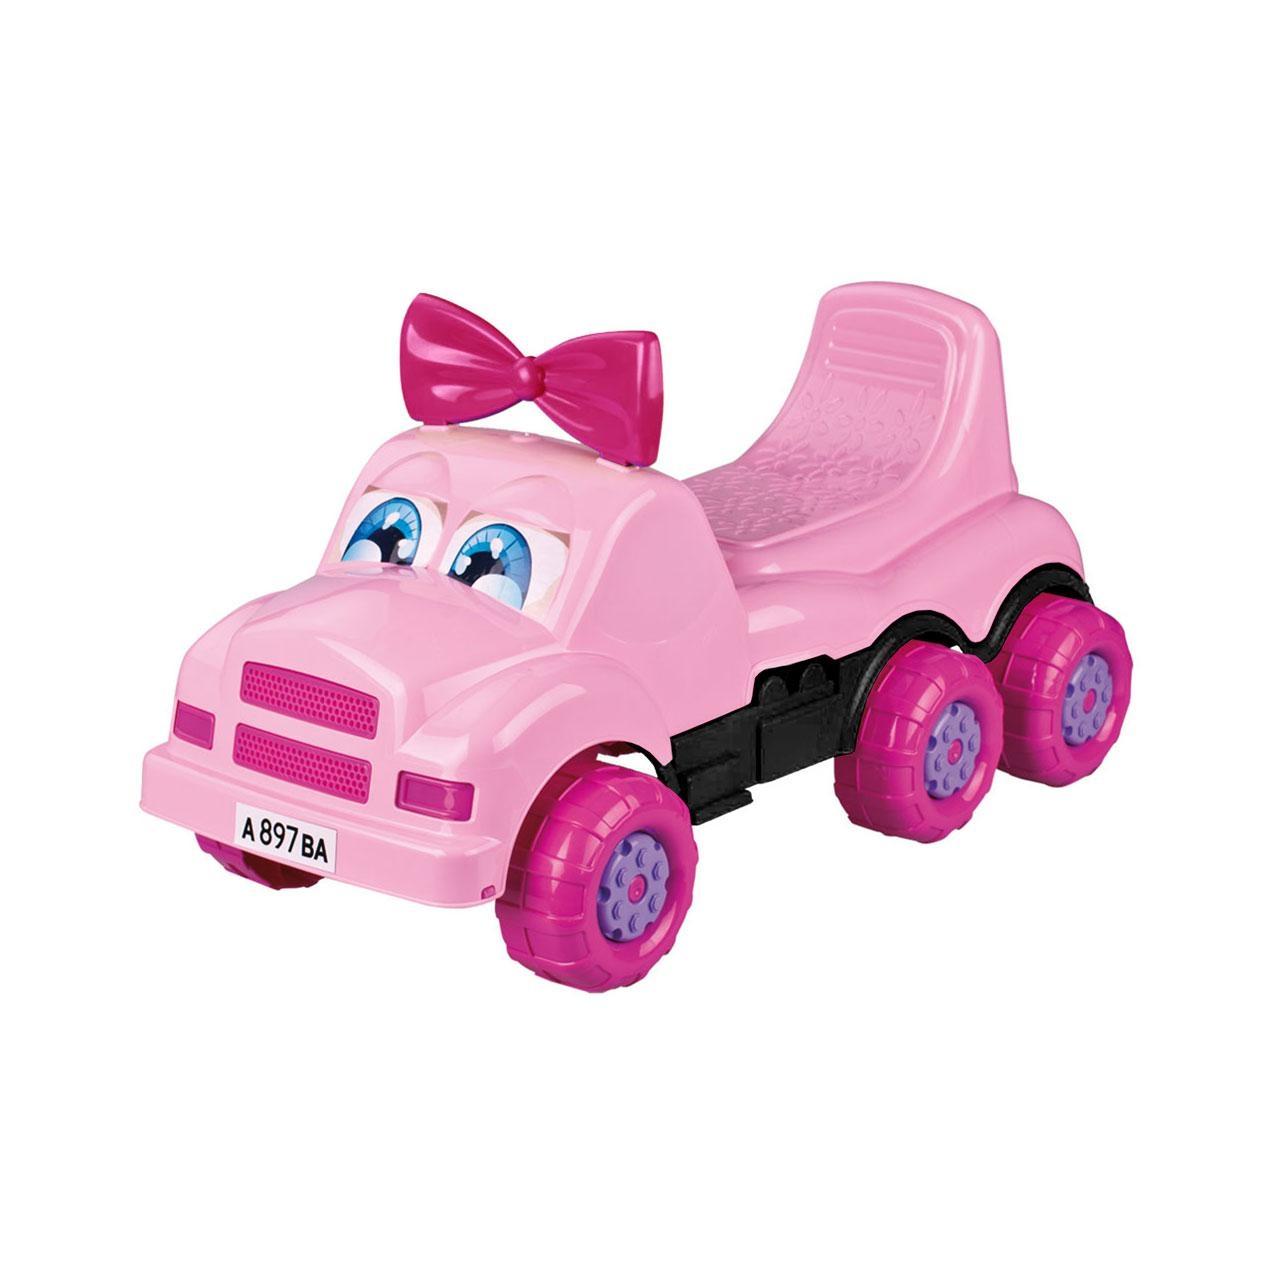 Машинки-каталки и ходунки Веселые гонки Каталка-машинка Весёлые гонки розовая машинки каталки и ходунки спектр гонка